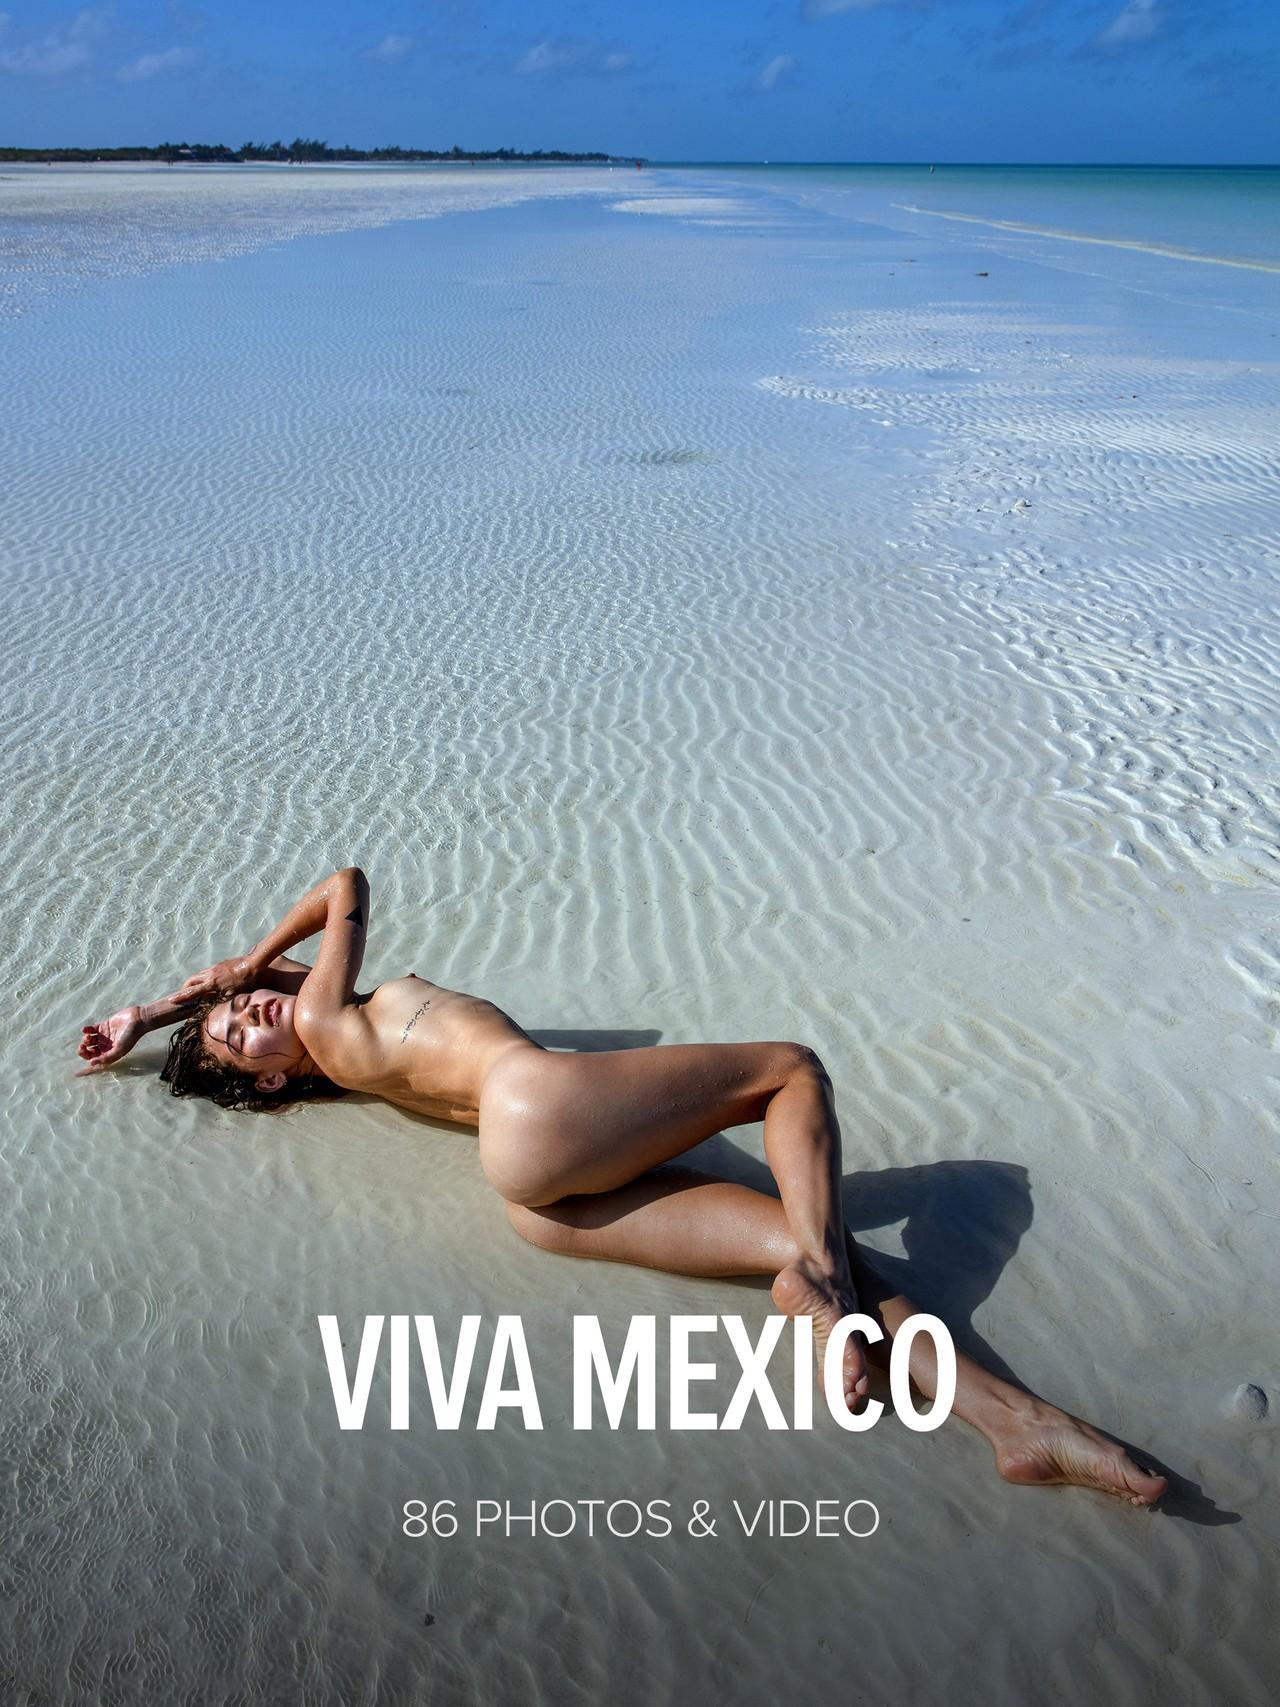 Irene Rouse: Viva Mexico